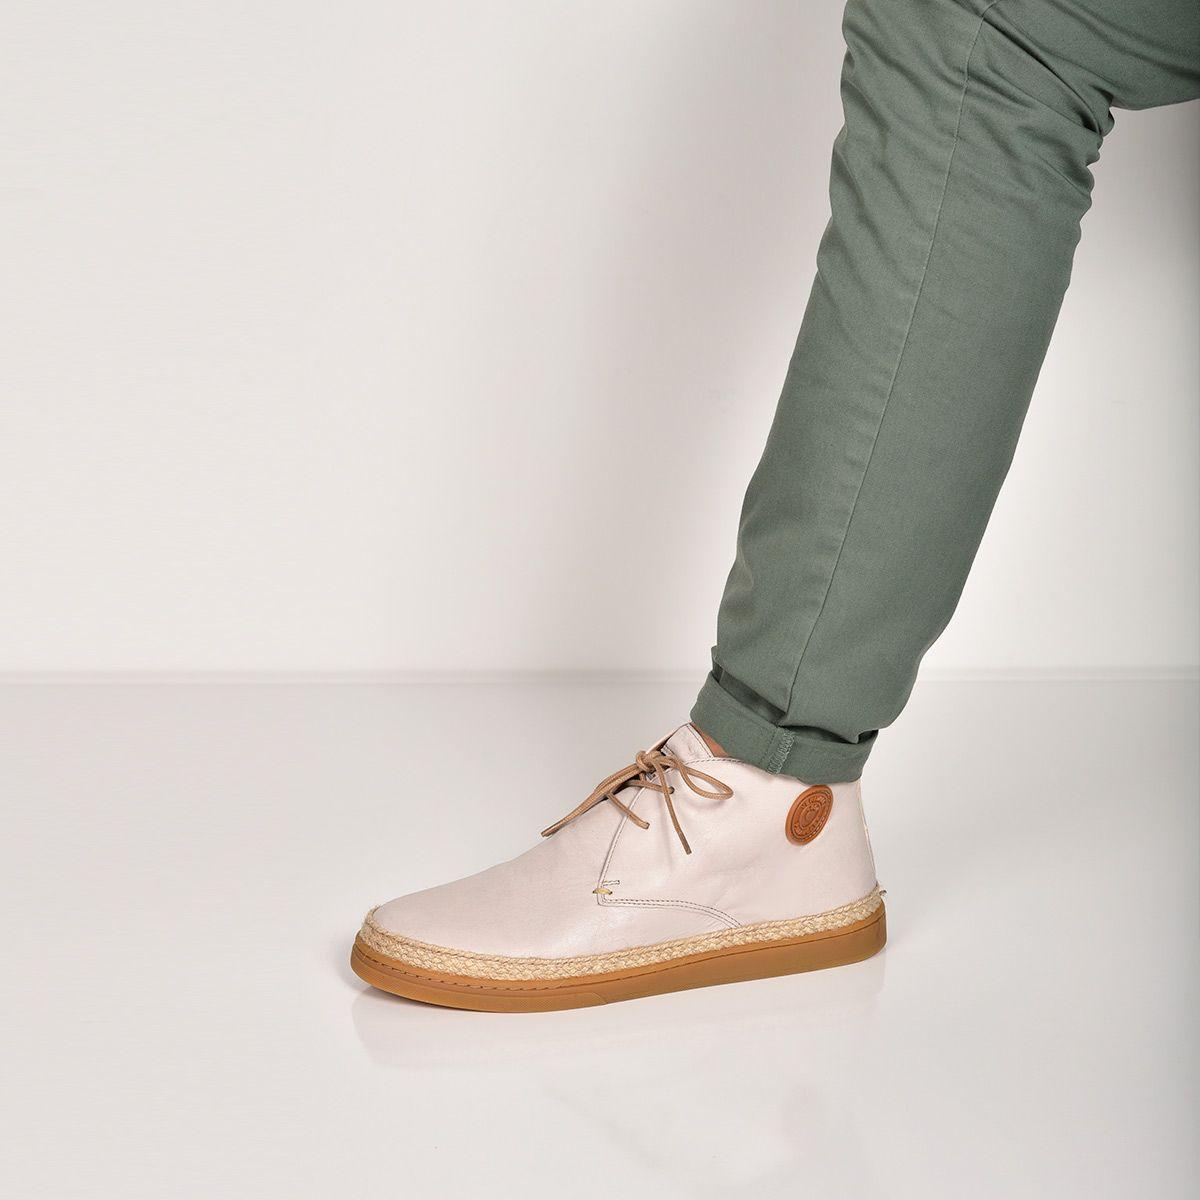 f36e6ba34364c Cette chaussure combine l'esprit d'une boots pour homme avec l'âme d'une  espadrille. Cette bottine est entièrement conçue en cuir lisse sur le ...